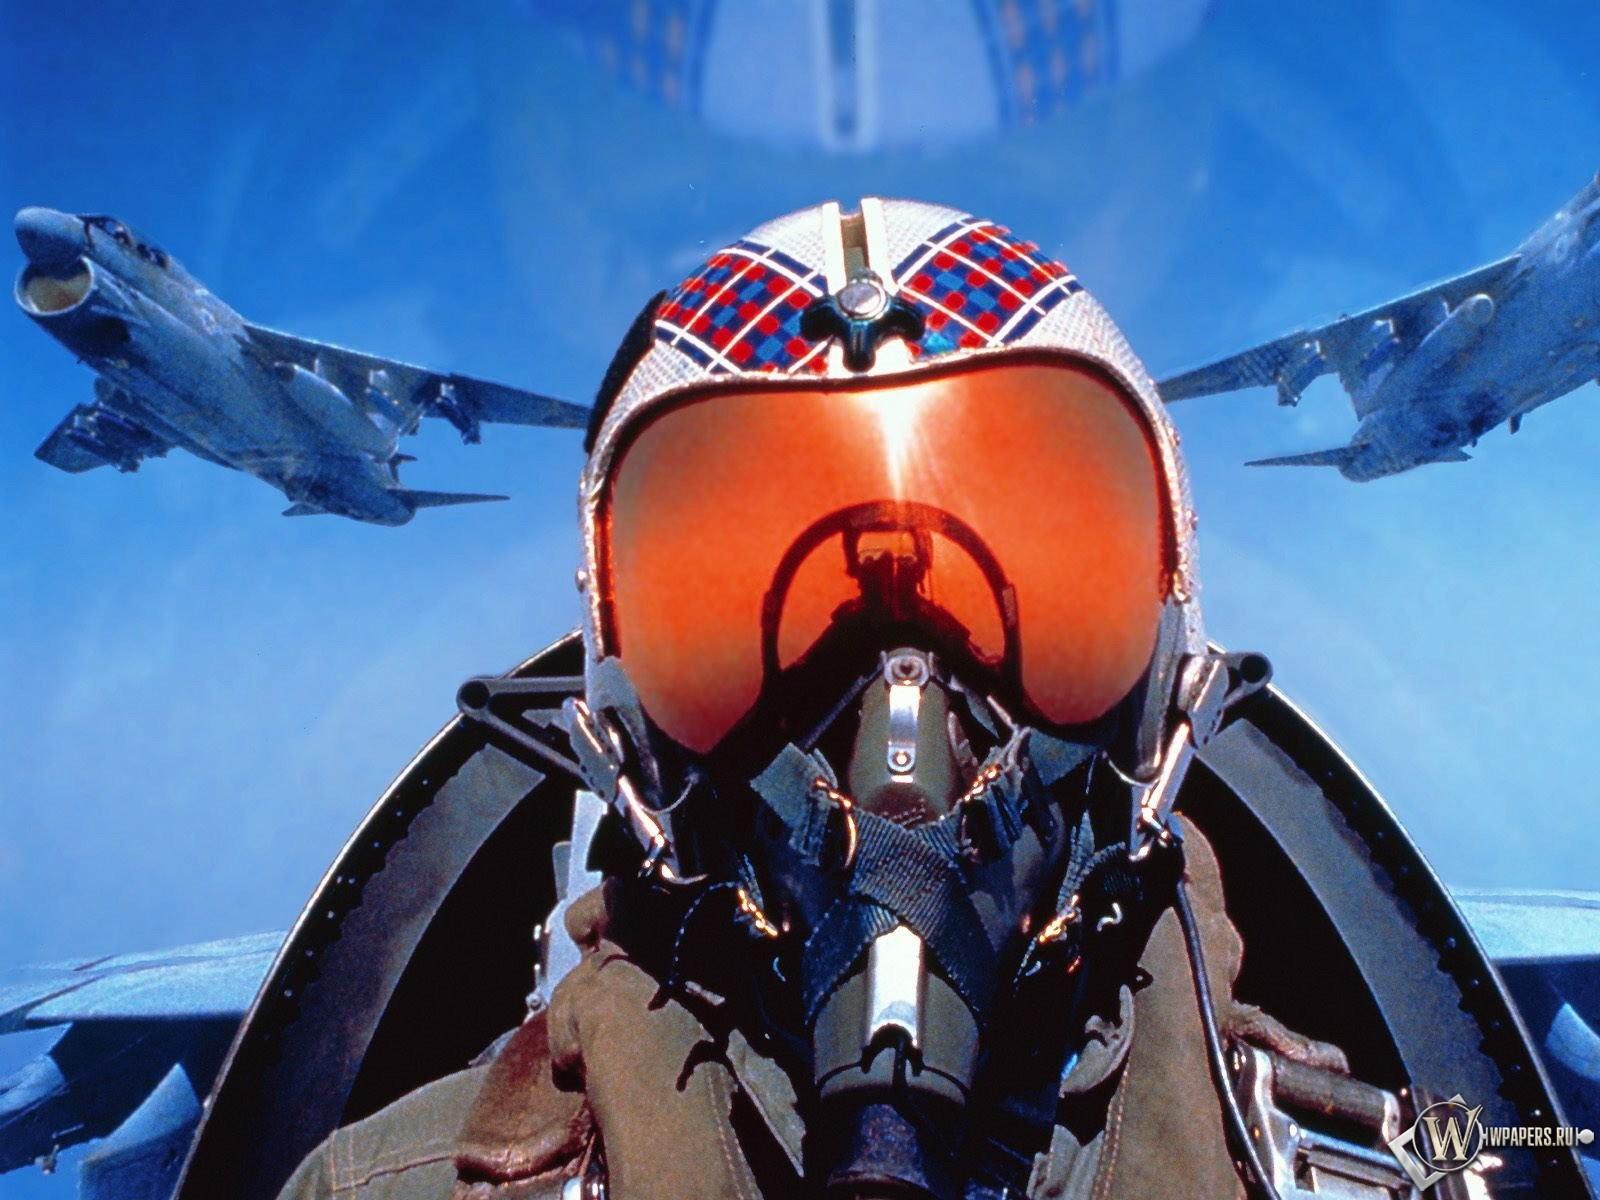 Пилот в кабине 1600x1200